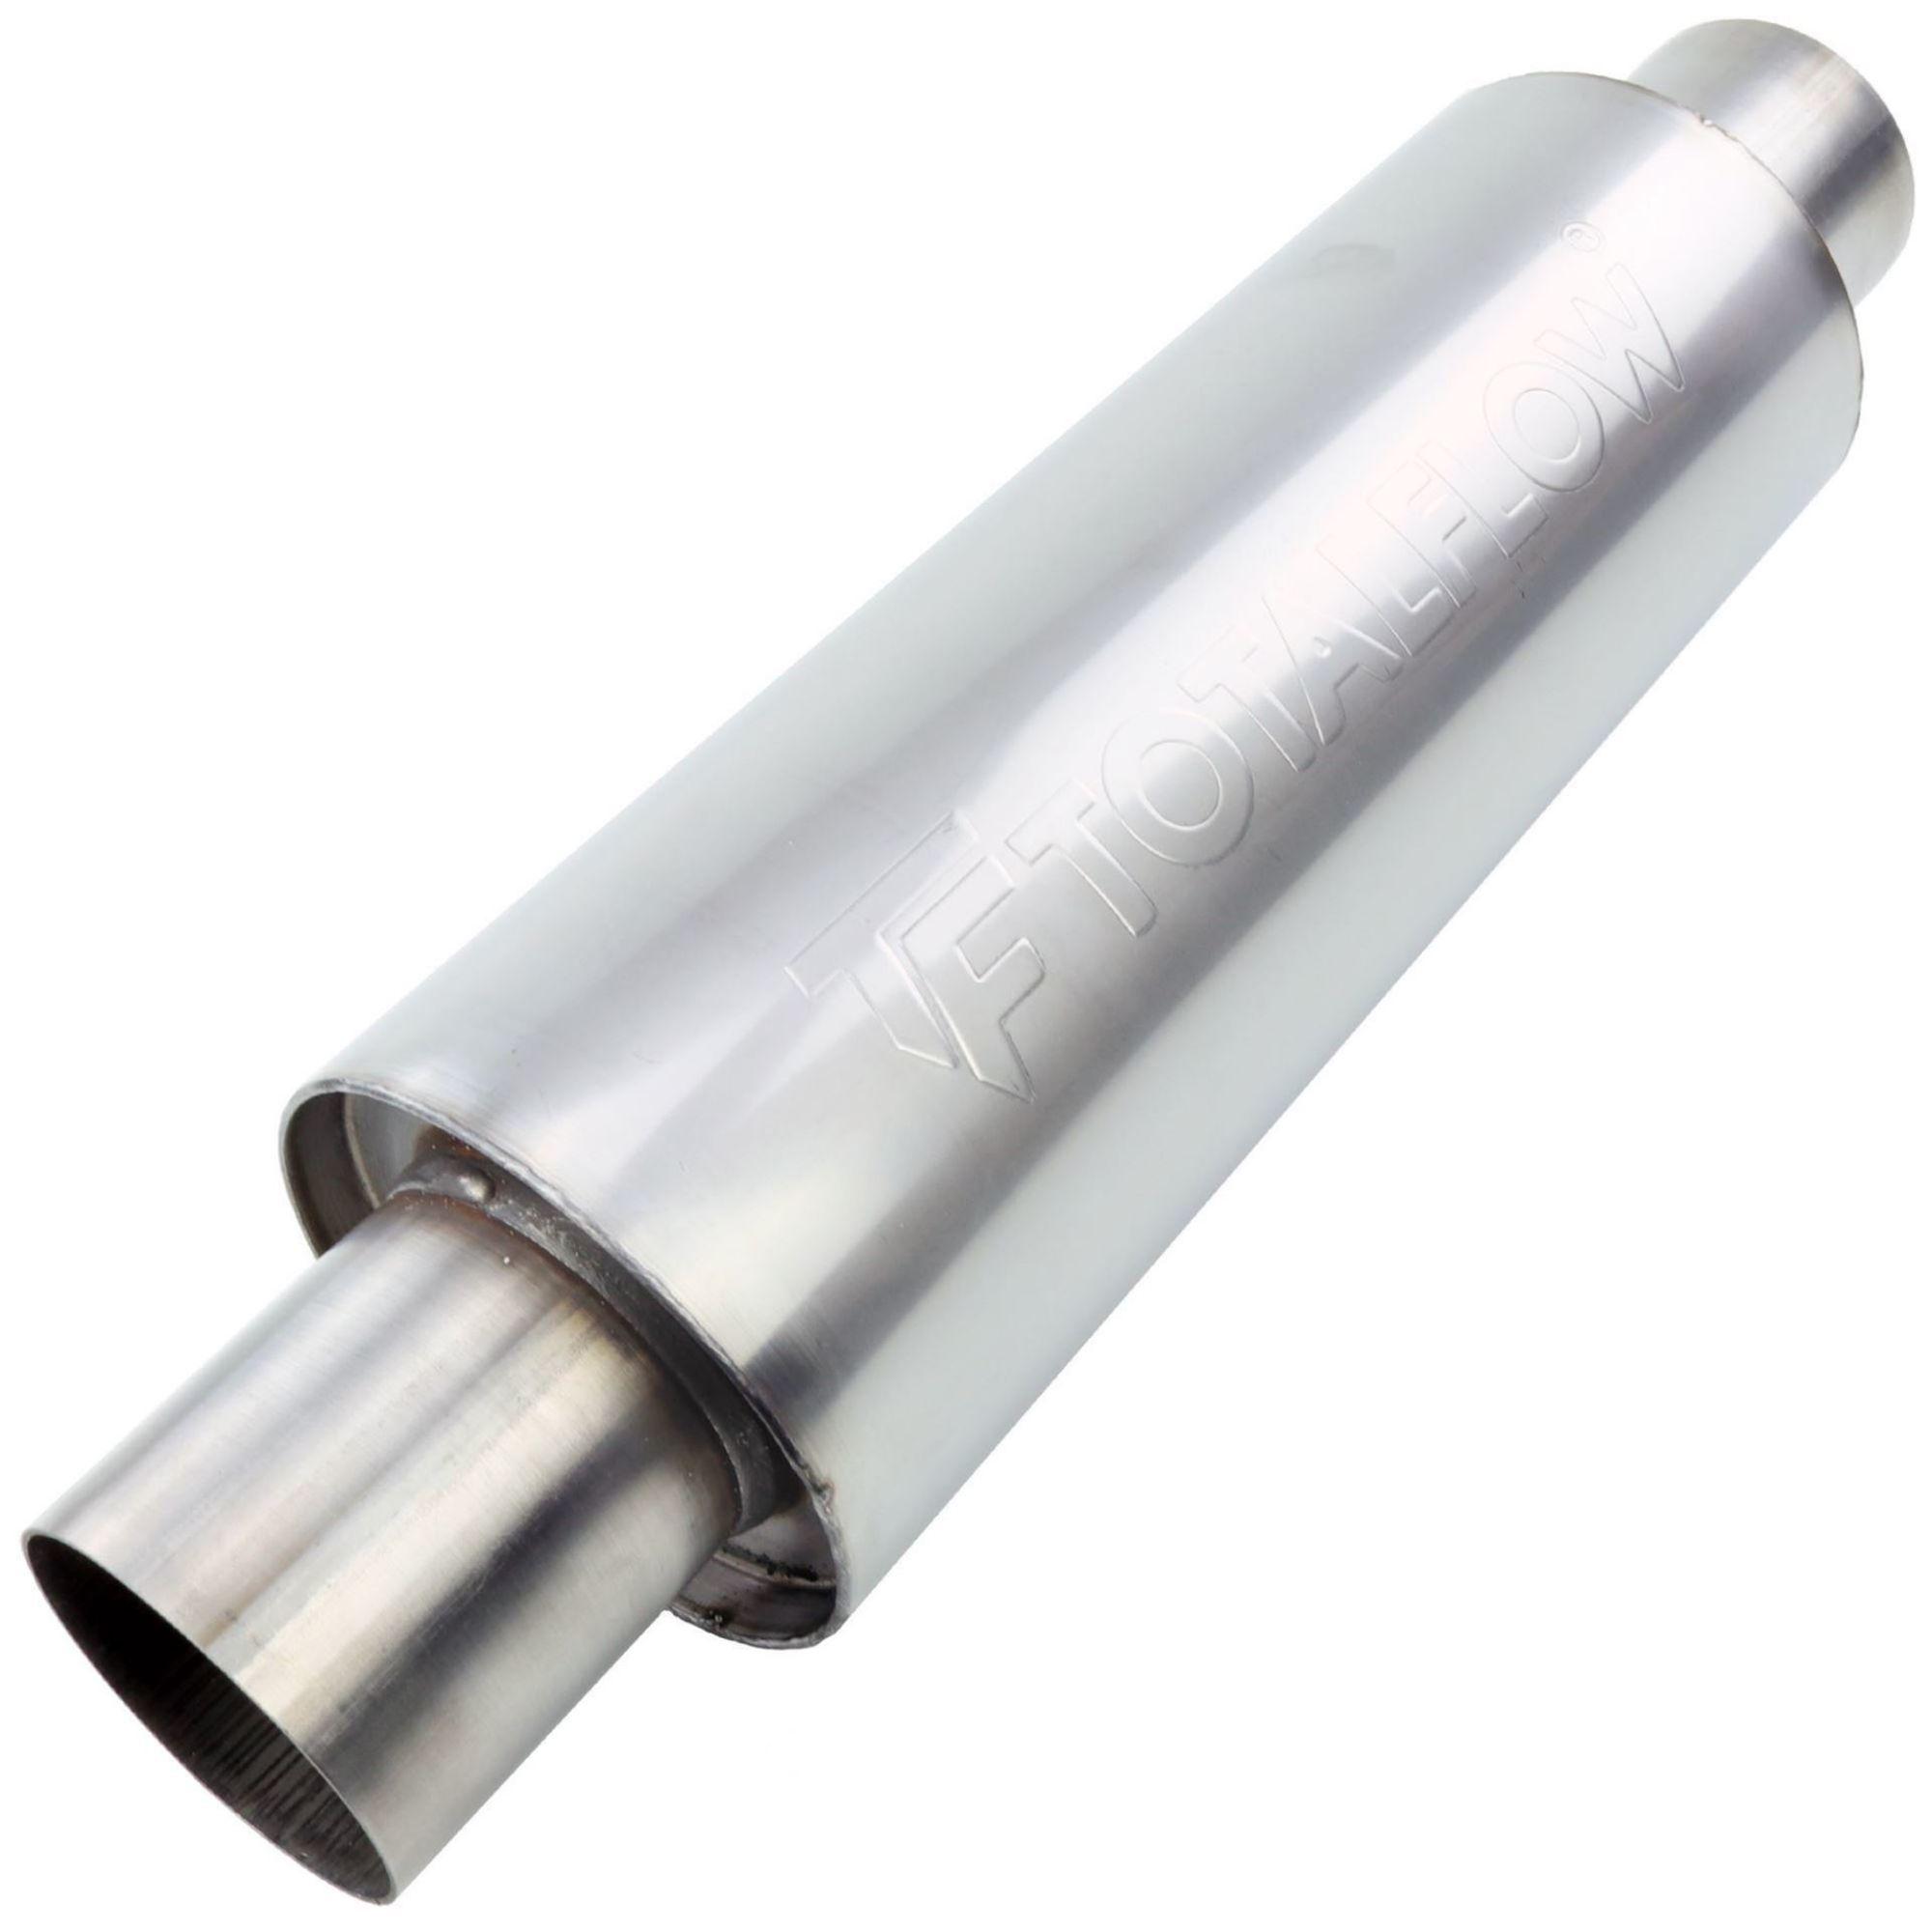 TOTALFLOW 22420 Straight Through Universal Exhaust Muffler - 3.5 Inch ID